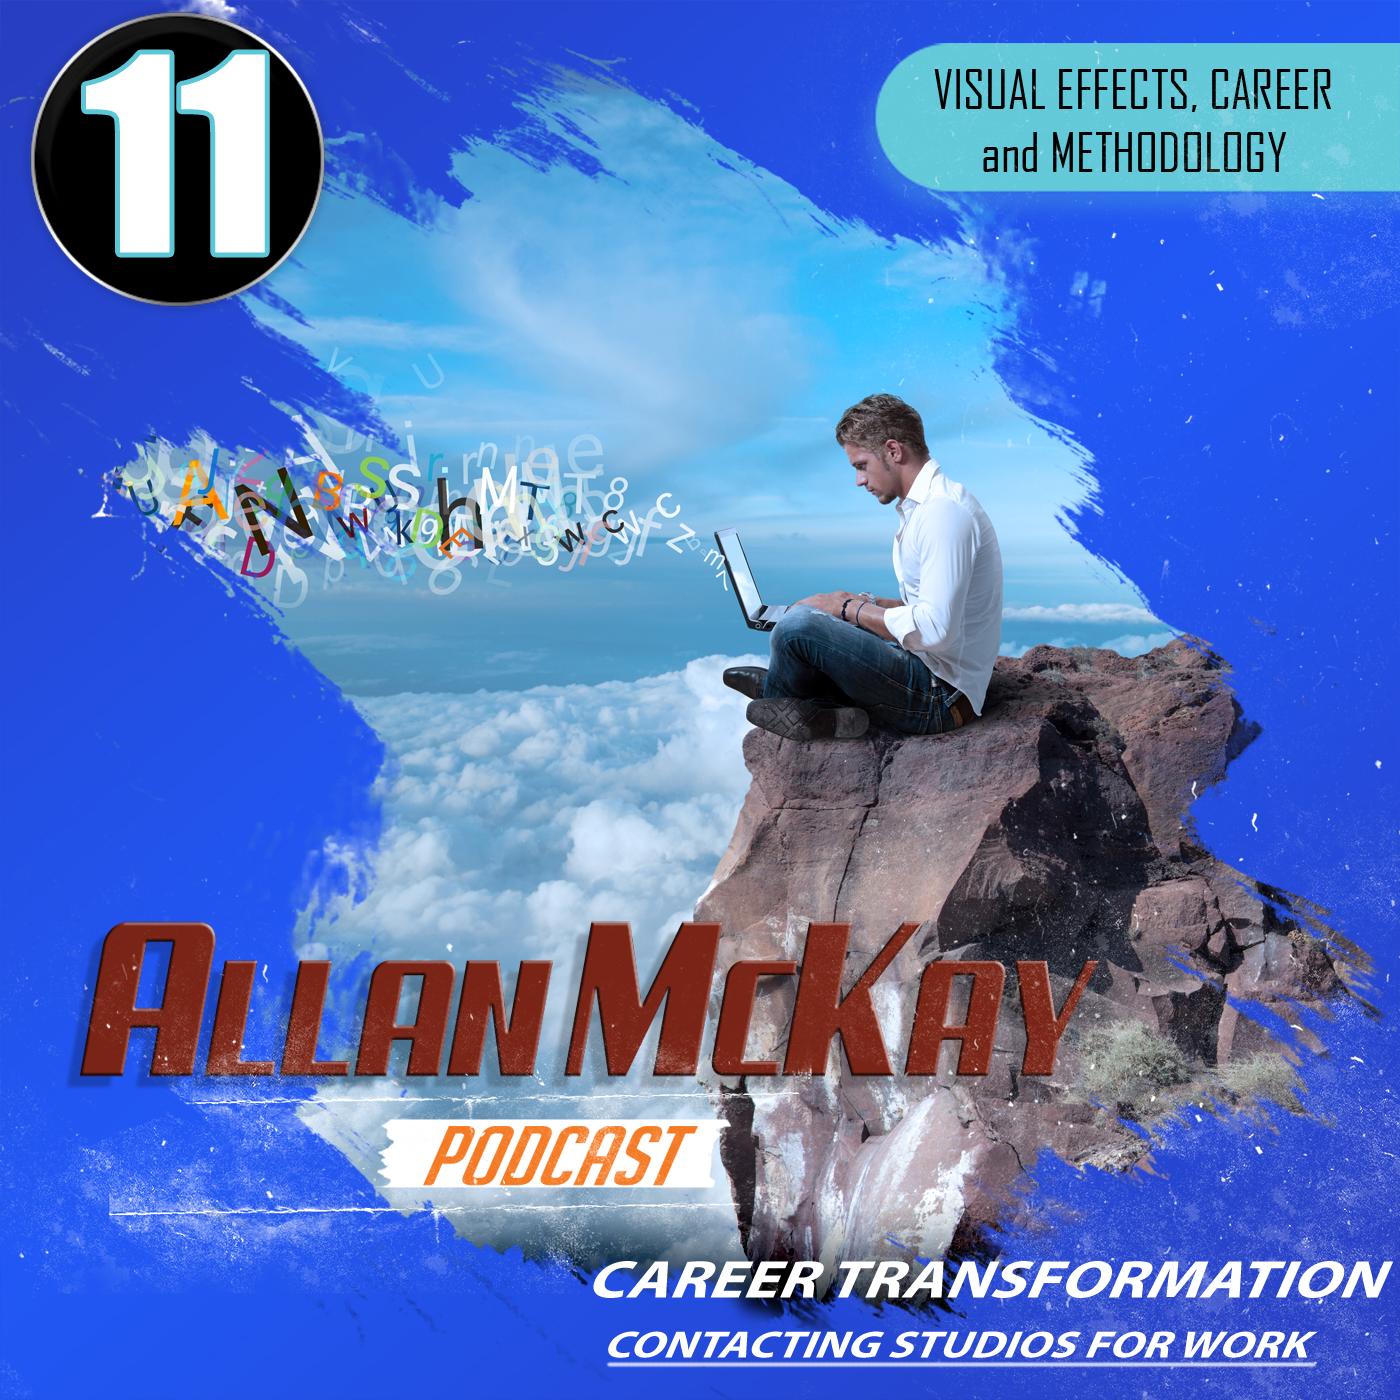 The Allan McKay Podcast